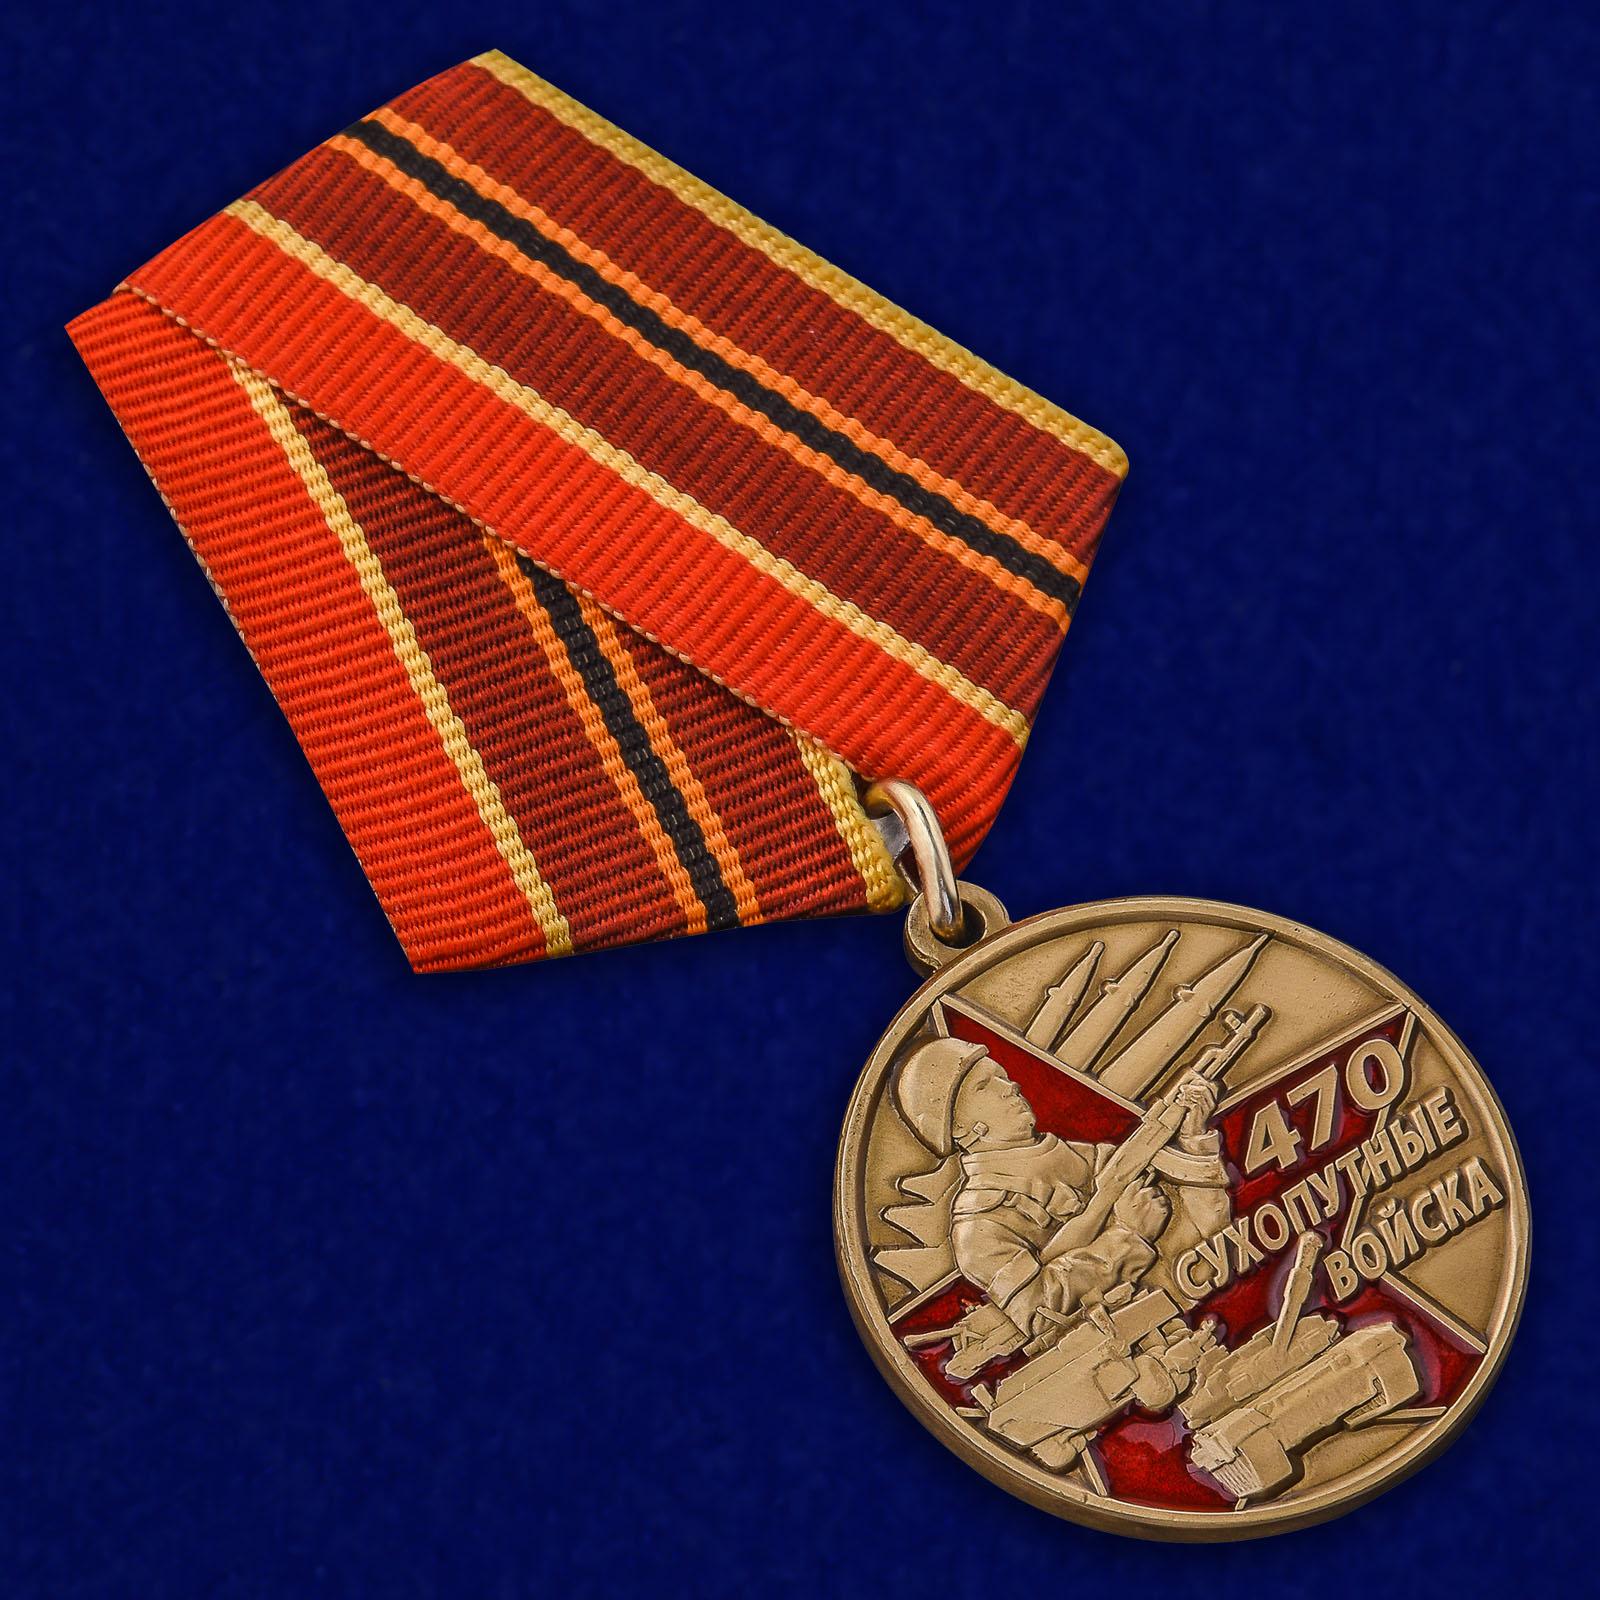 Нагрудная медаль 470 лет Сухопутным войскам - общий вид